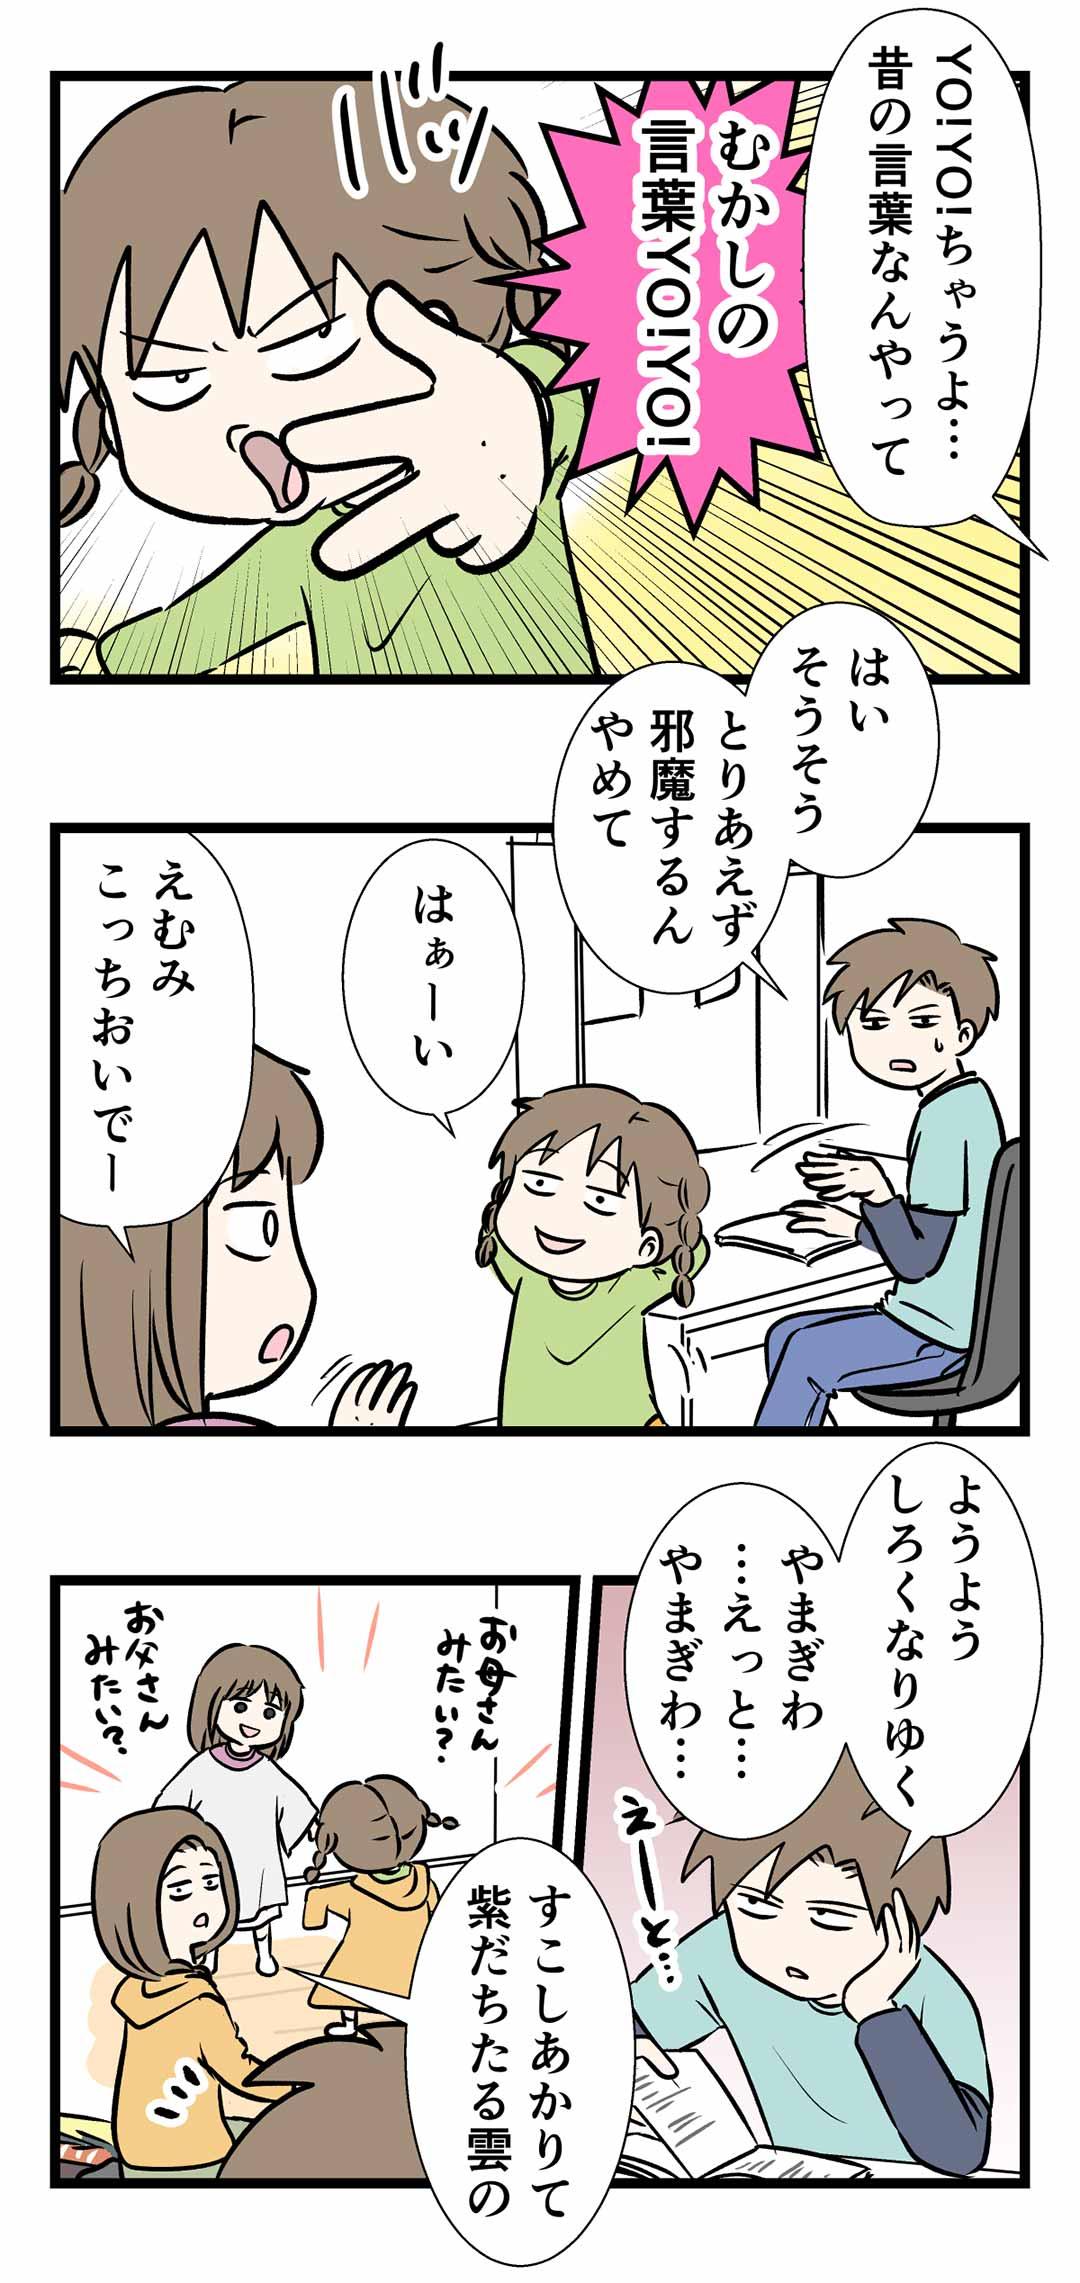 家族はYOYO騒ぎハイがちになりてわろし。